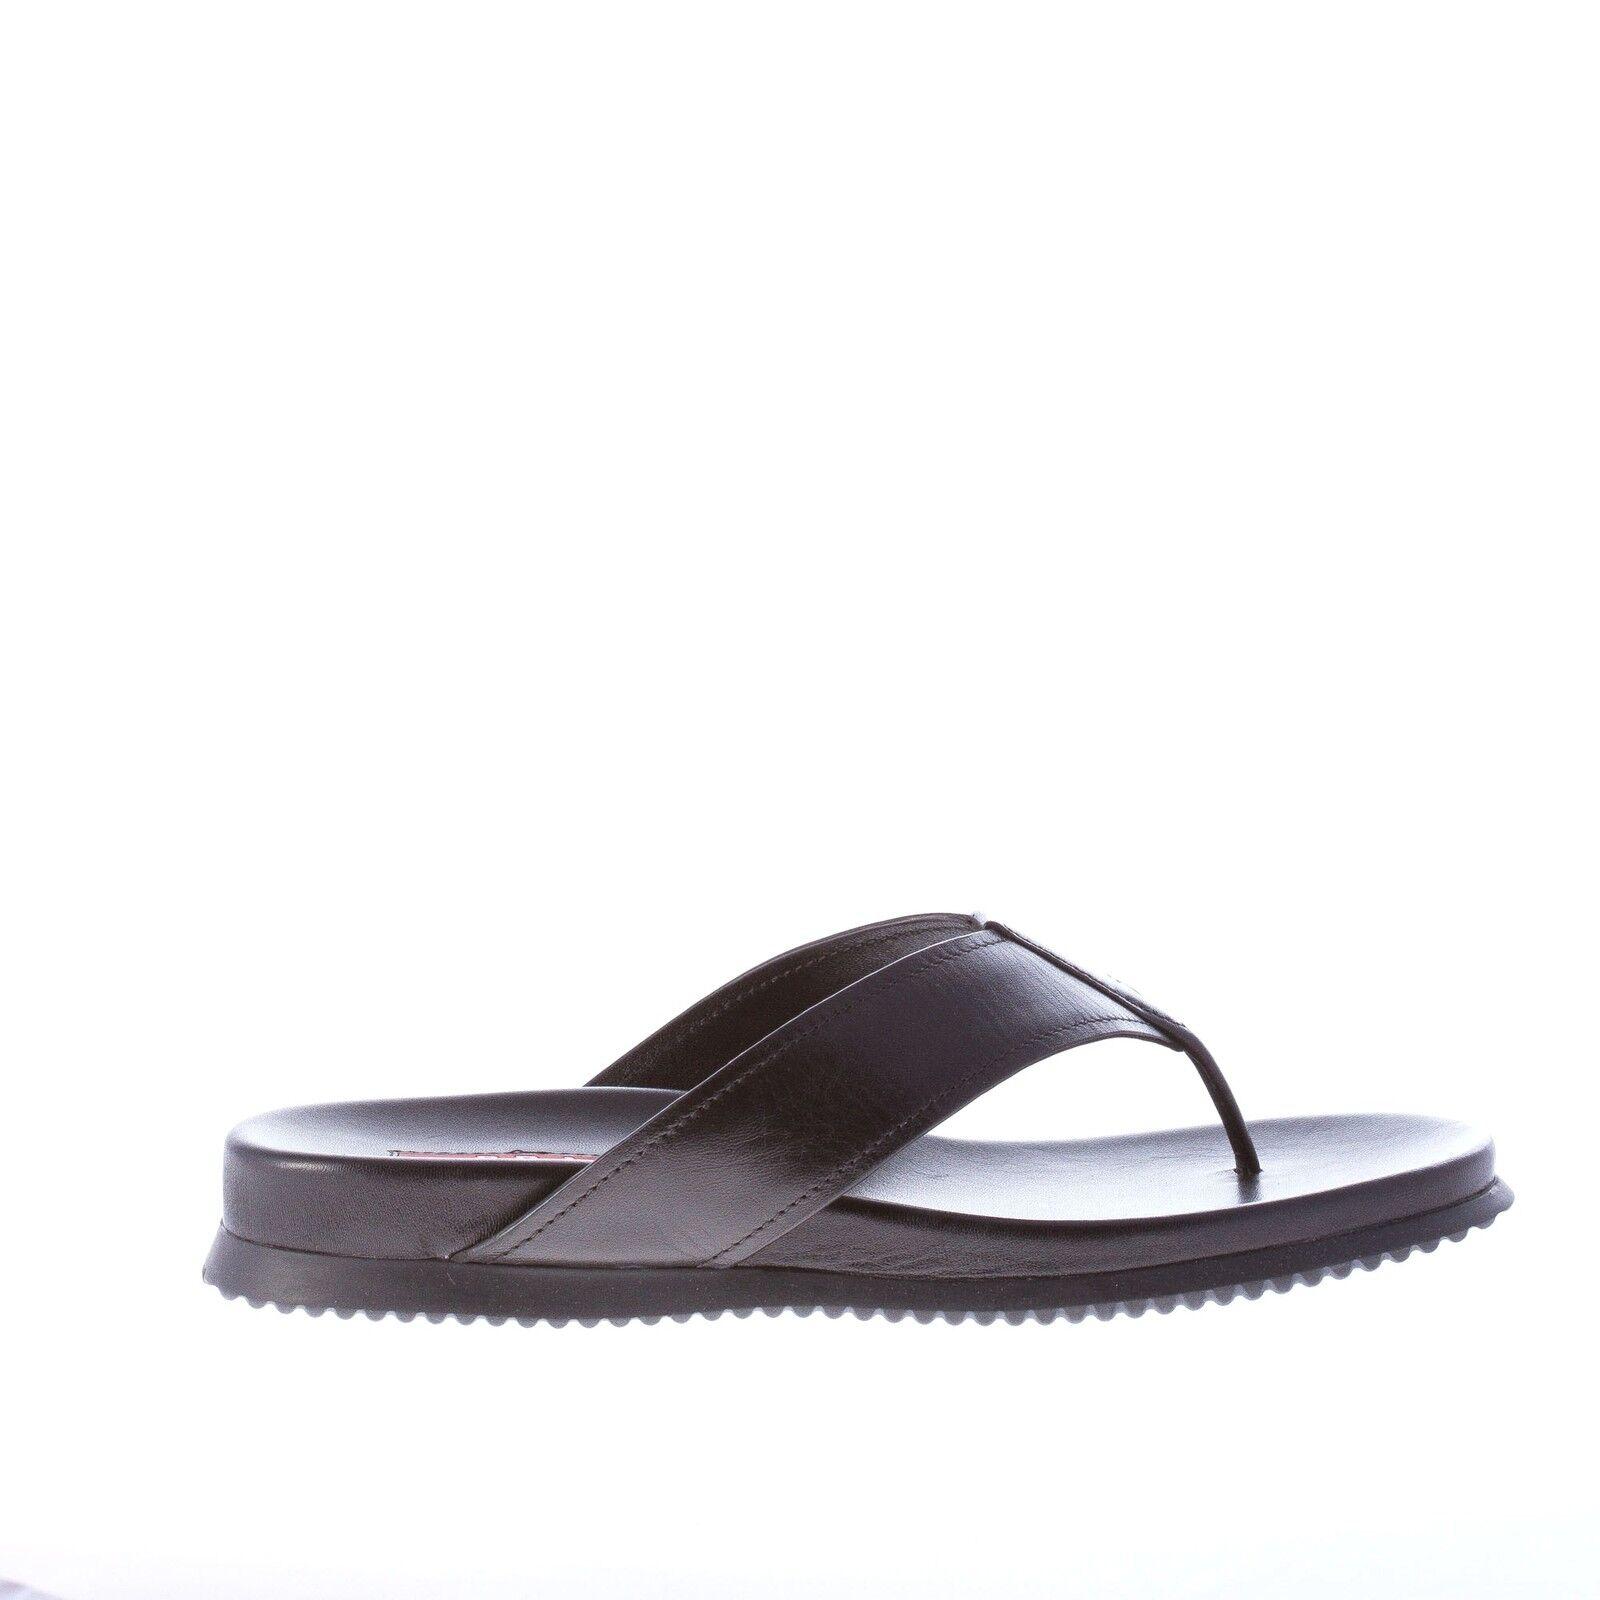 PRADA scarpe donna slide Donna scarpe sandalo sandalo sandalo slide donna infradito   273071